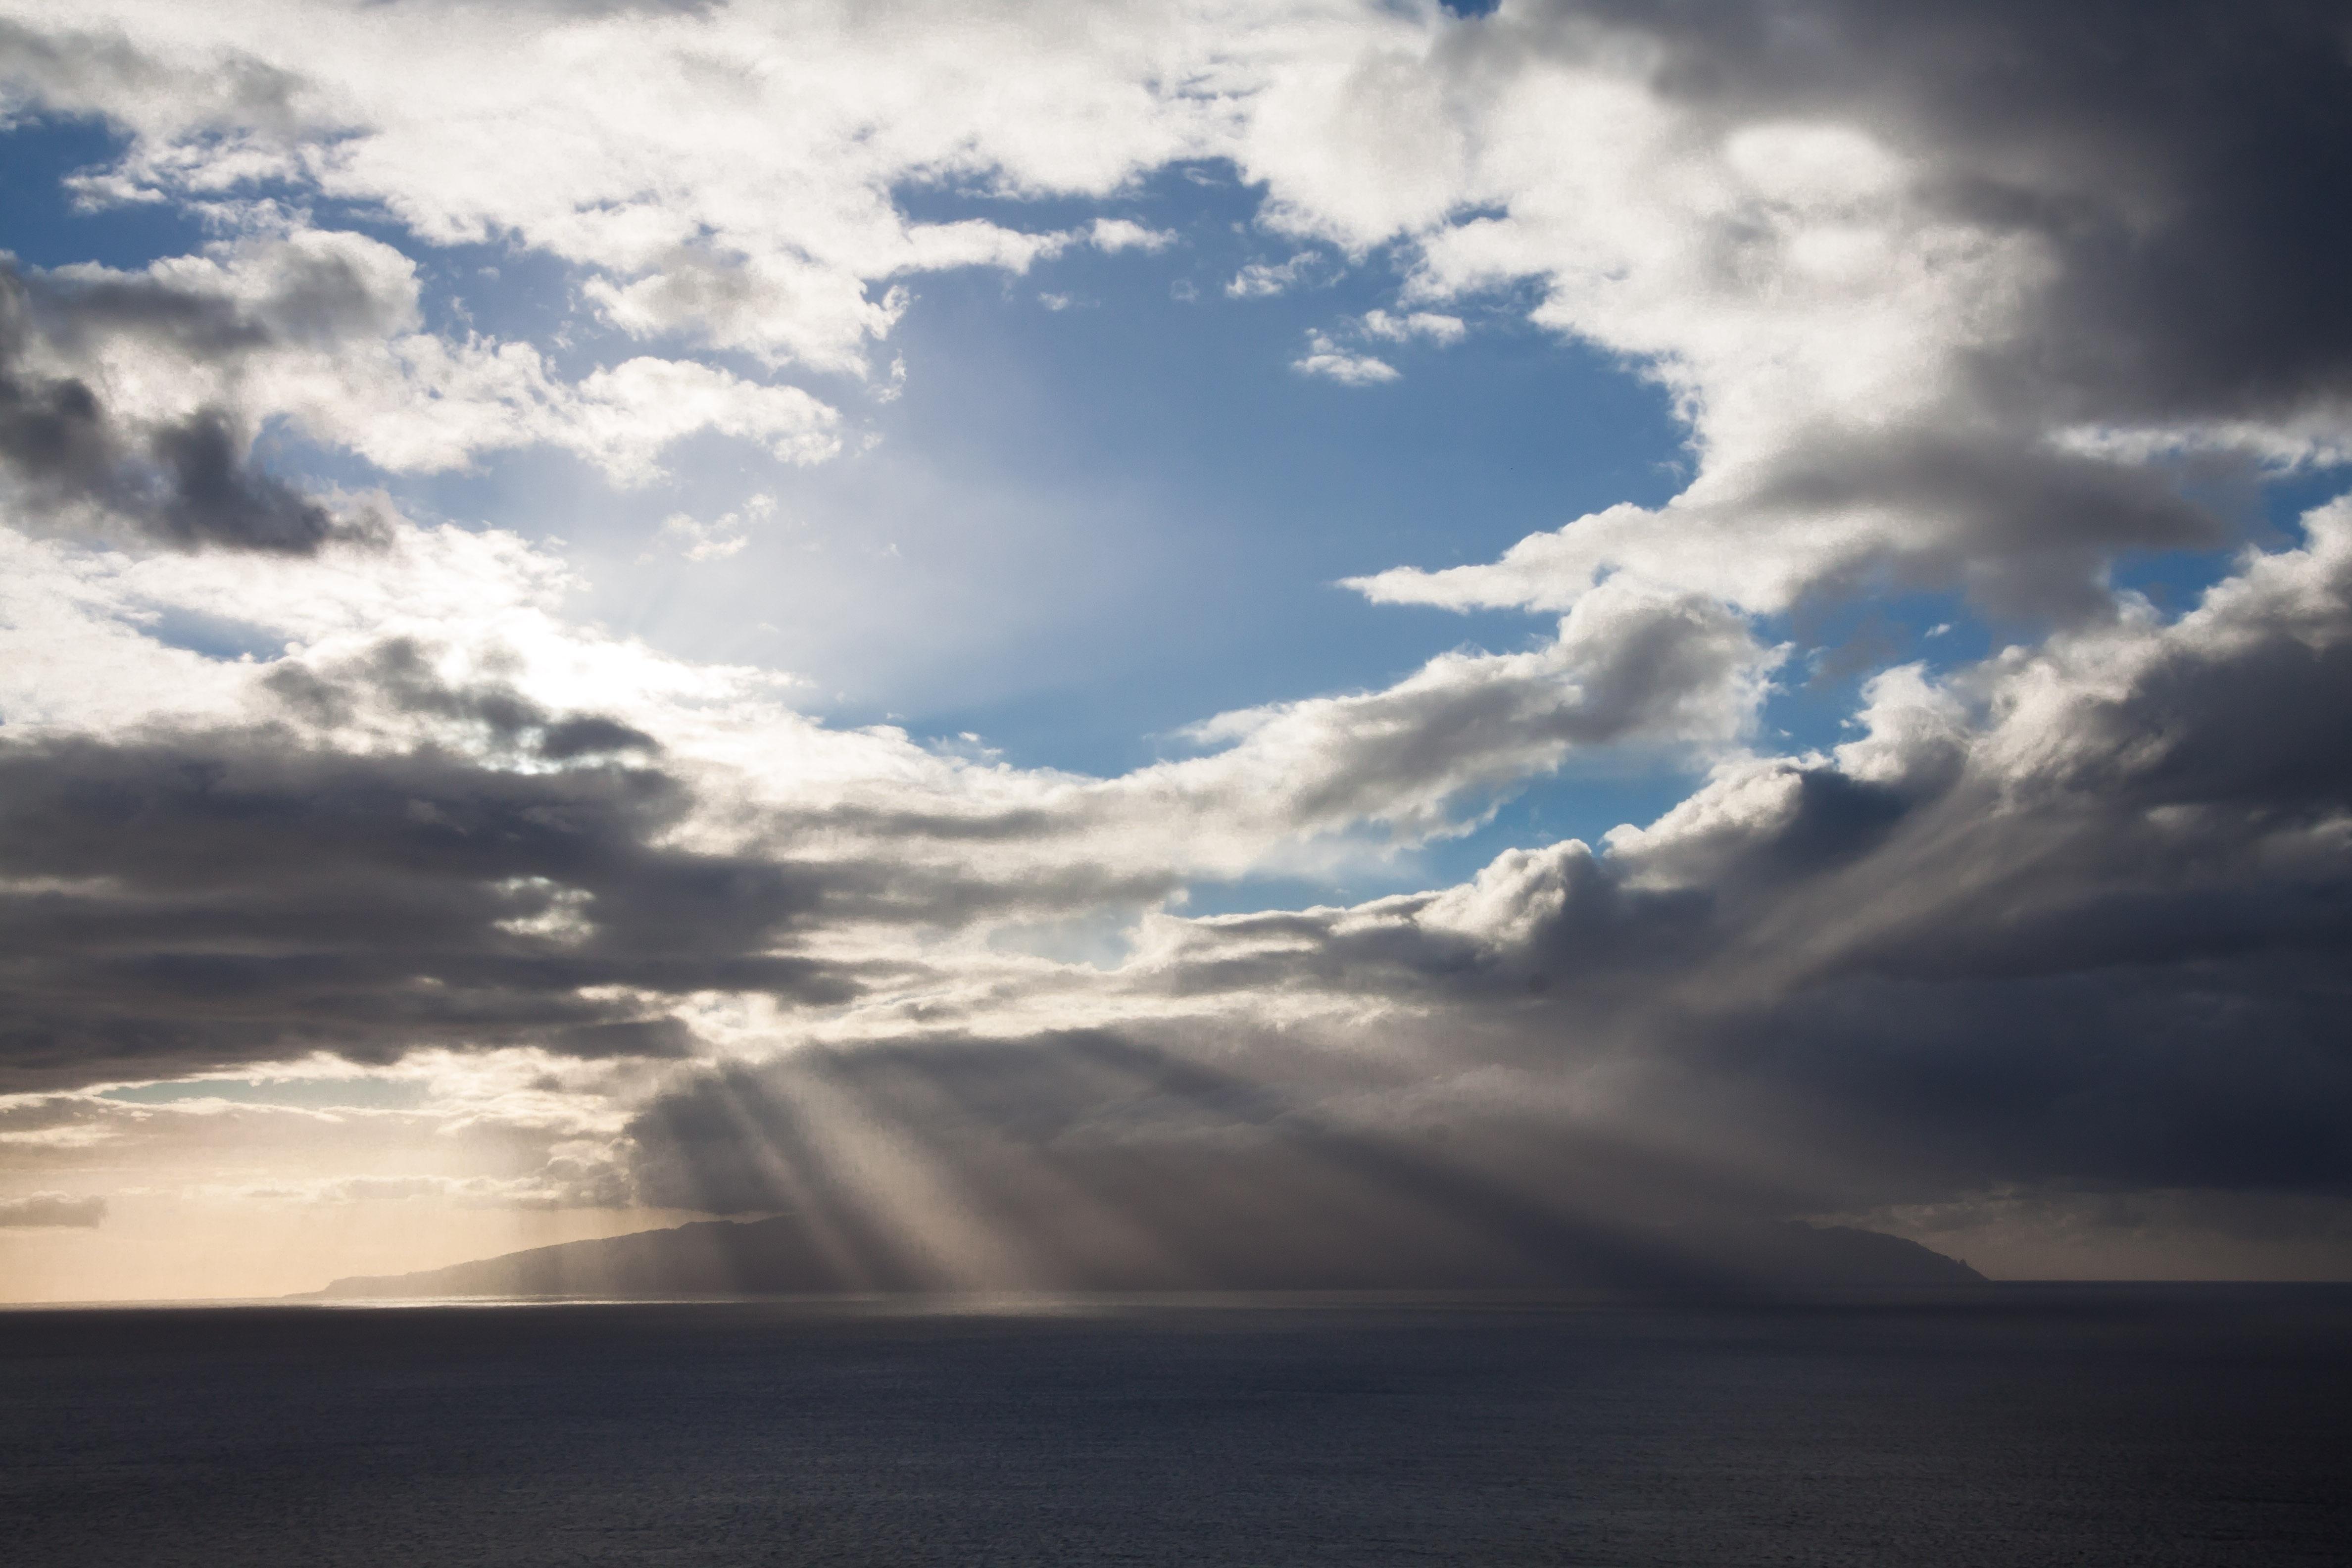 картинка с серыми облаками данной